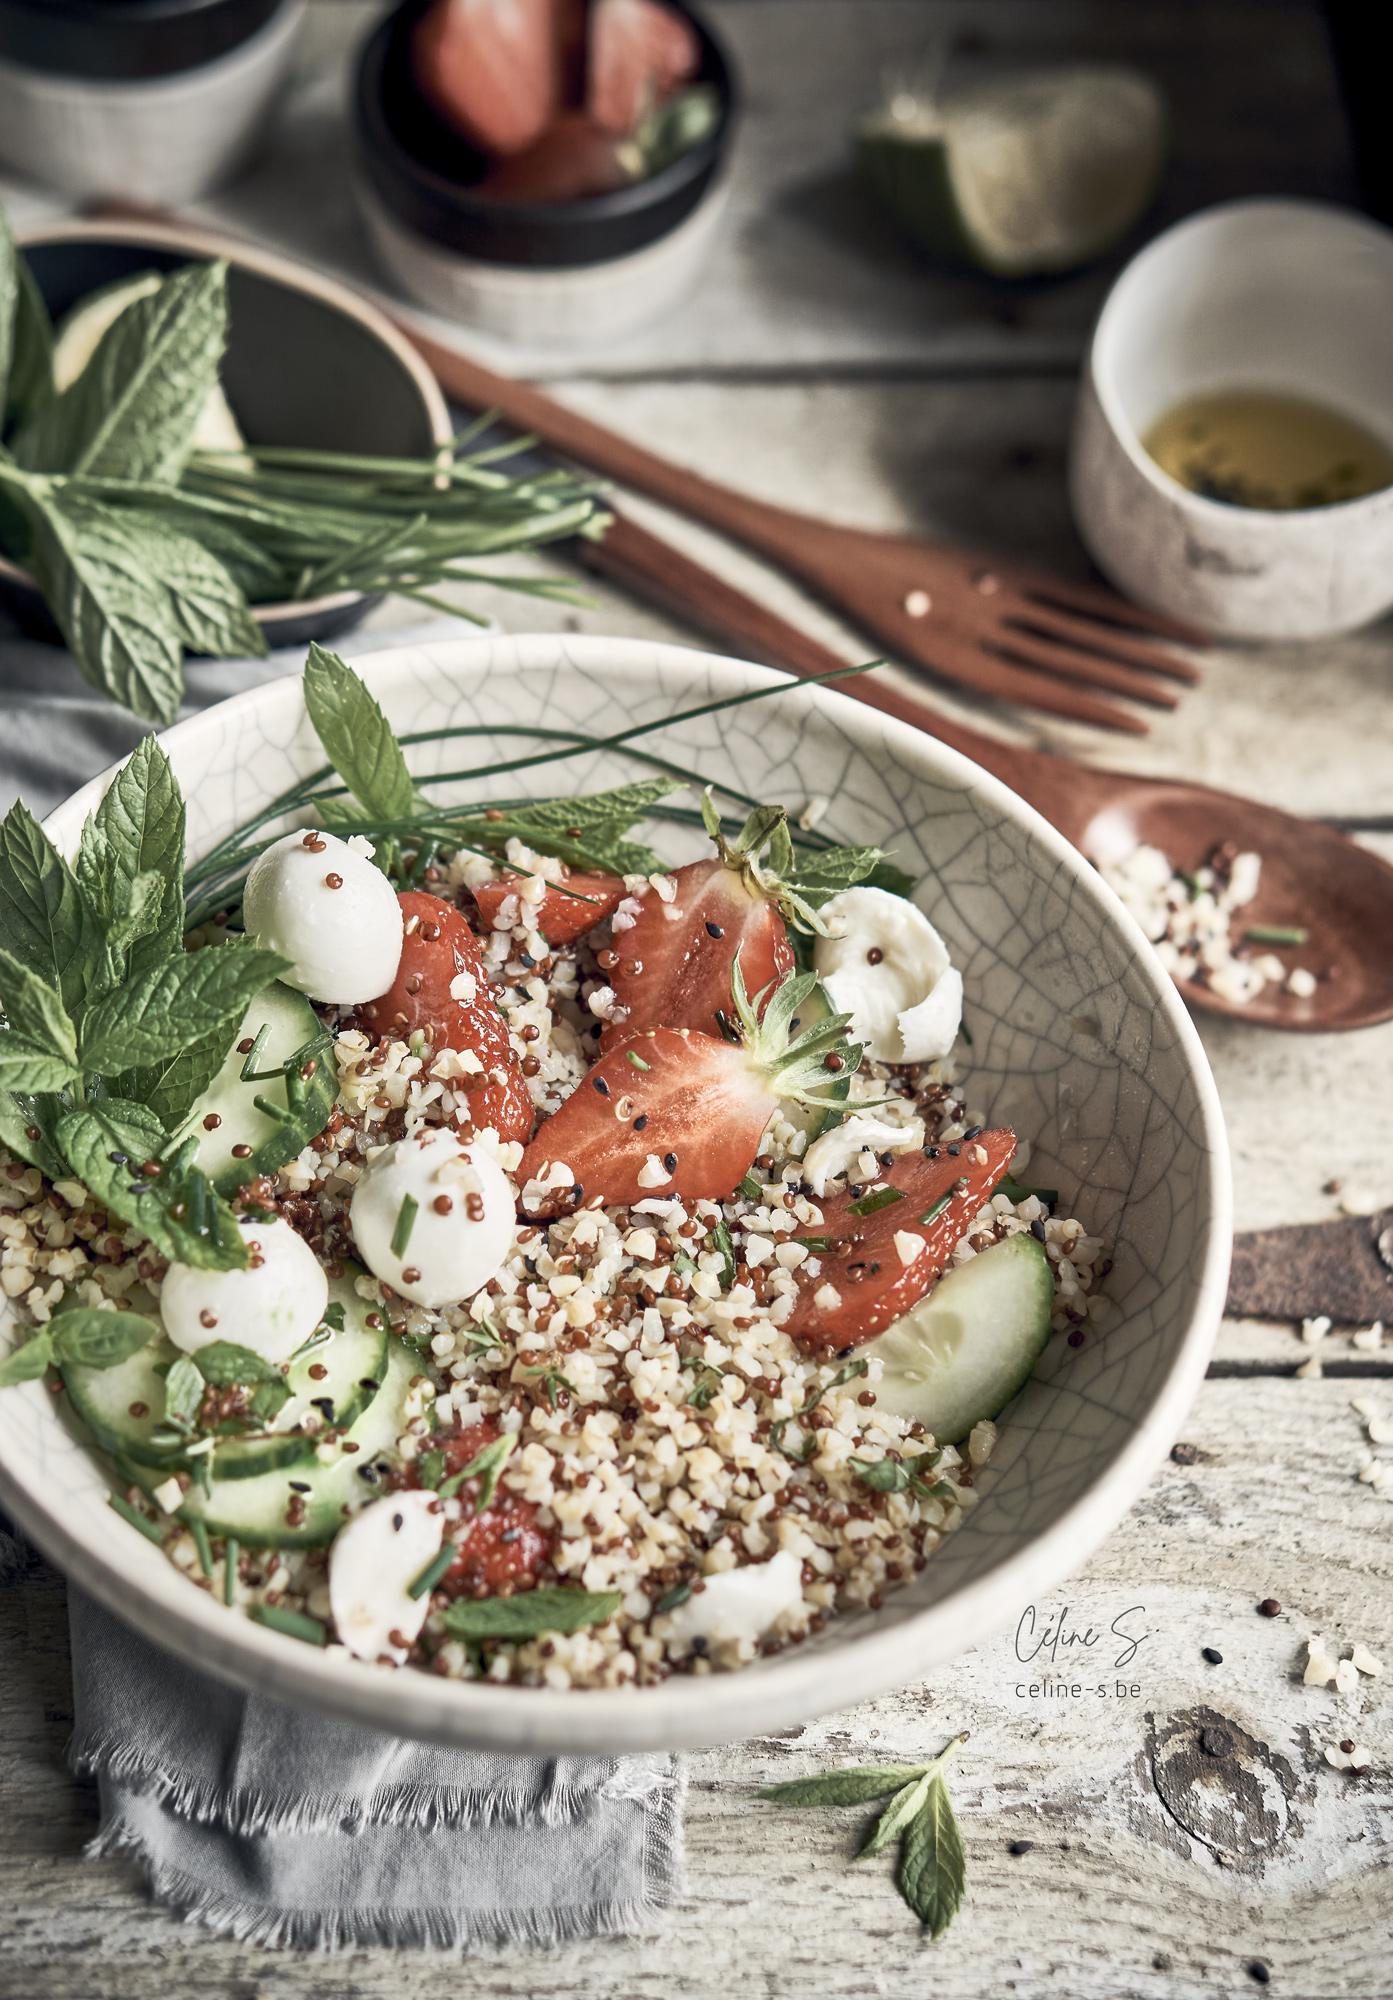 Céline Stiévenard - recette et photo vue perspective de salade boulgour, fraise, kinoa et mozzarella- styliste culinaire food - création de photo food - Liège, Belgique